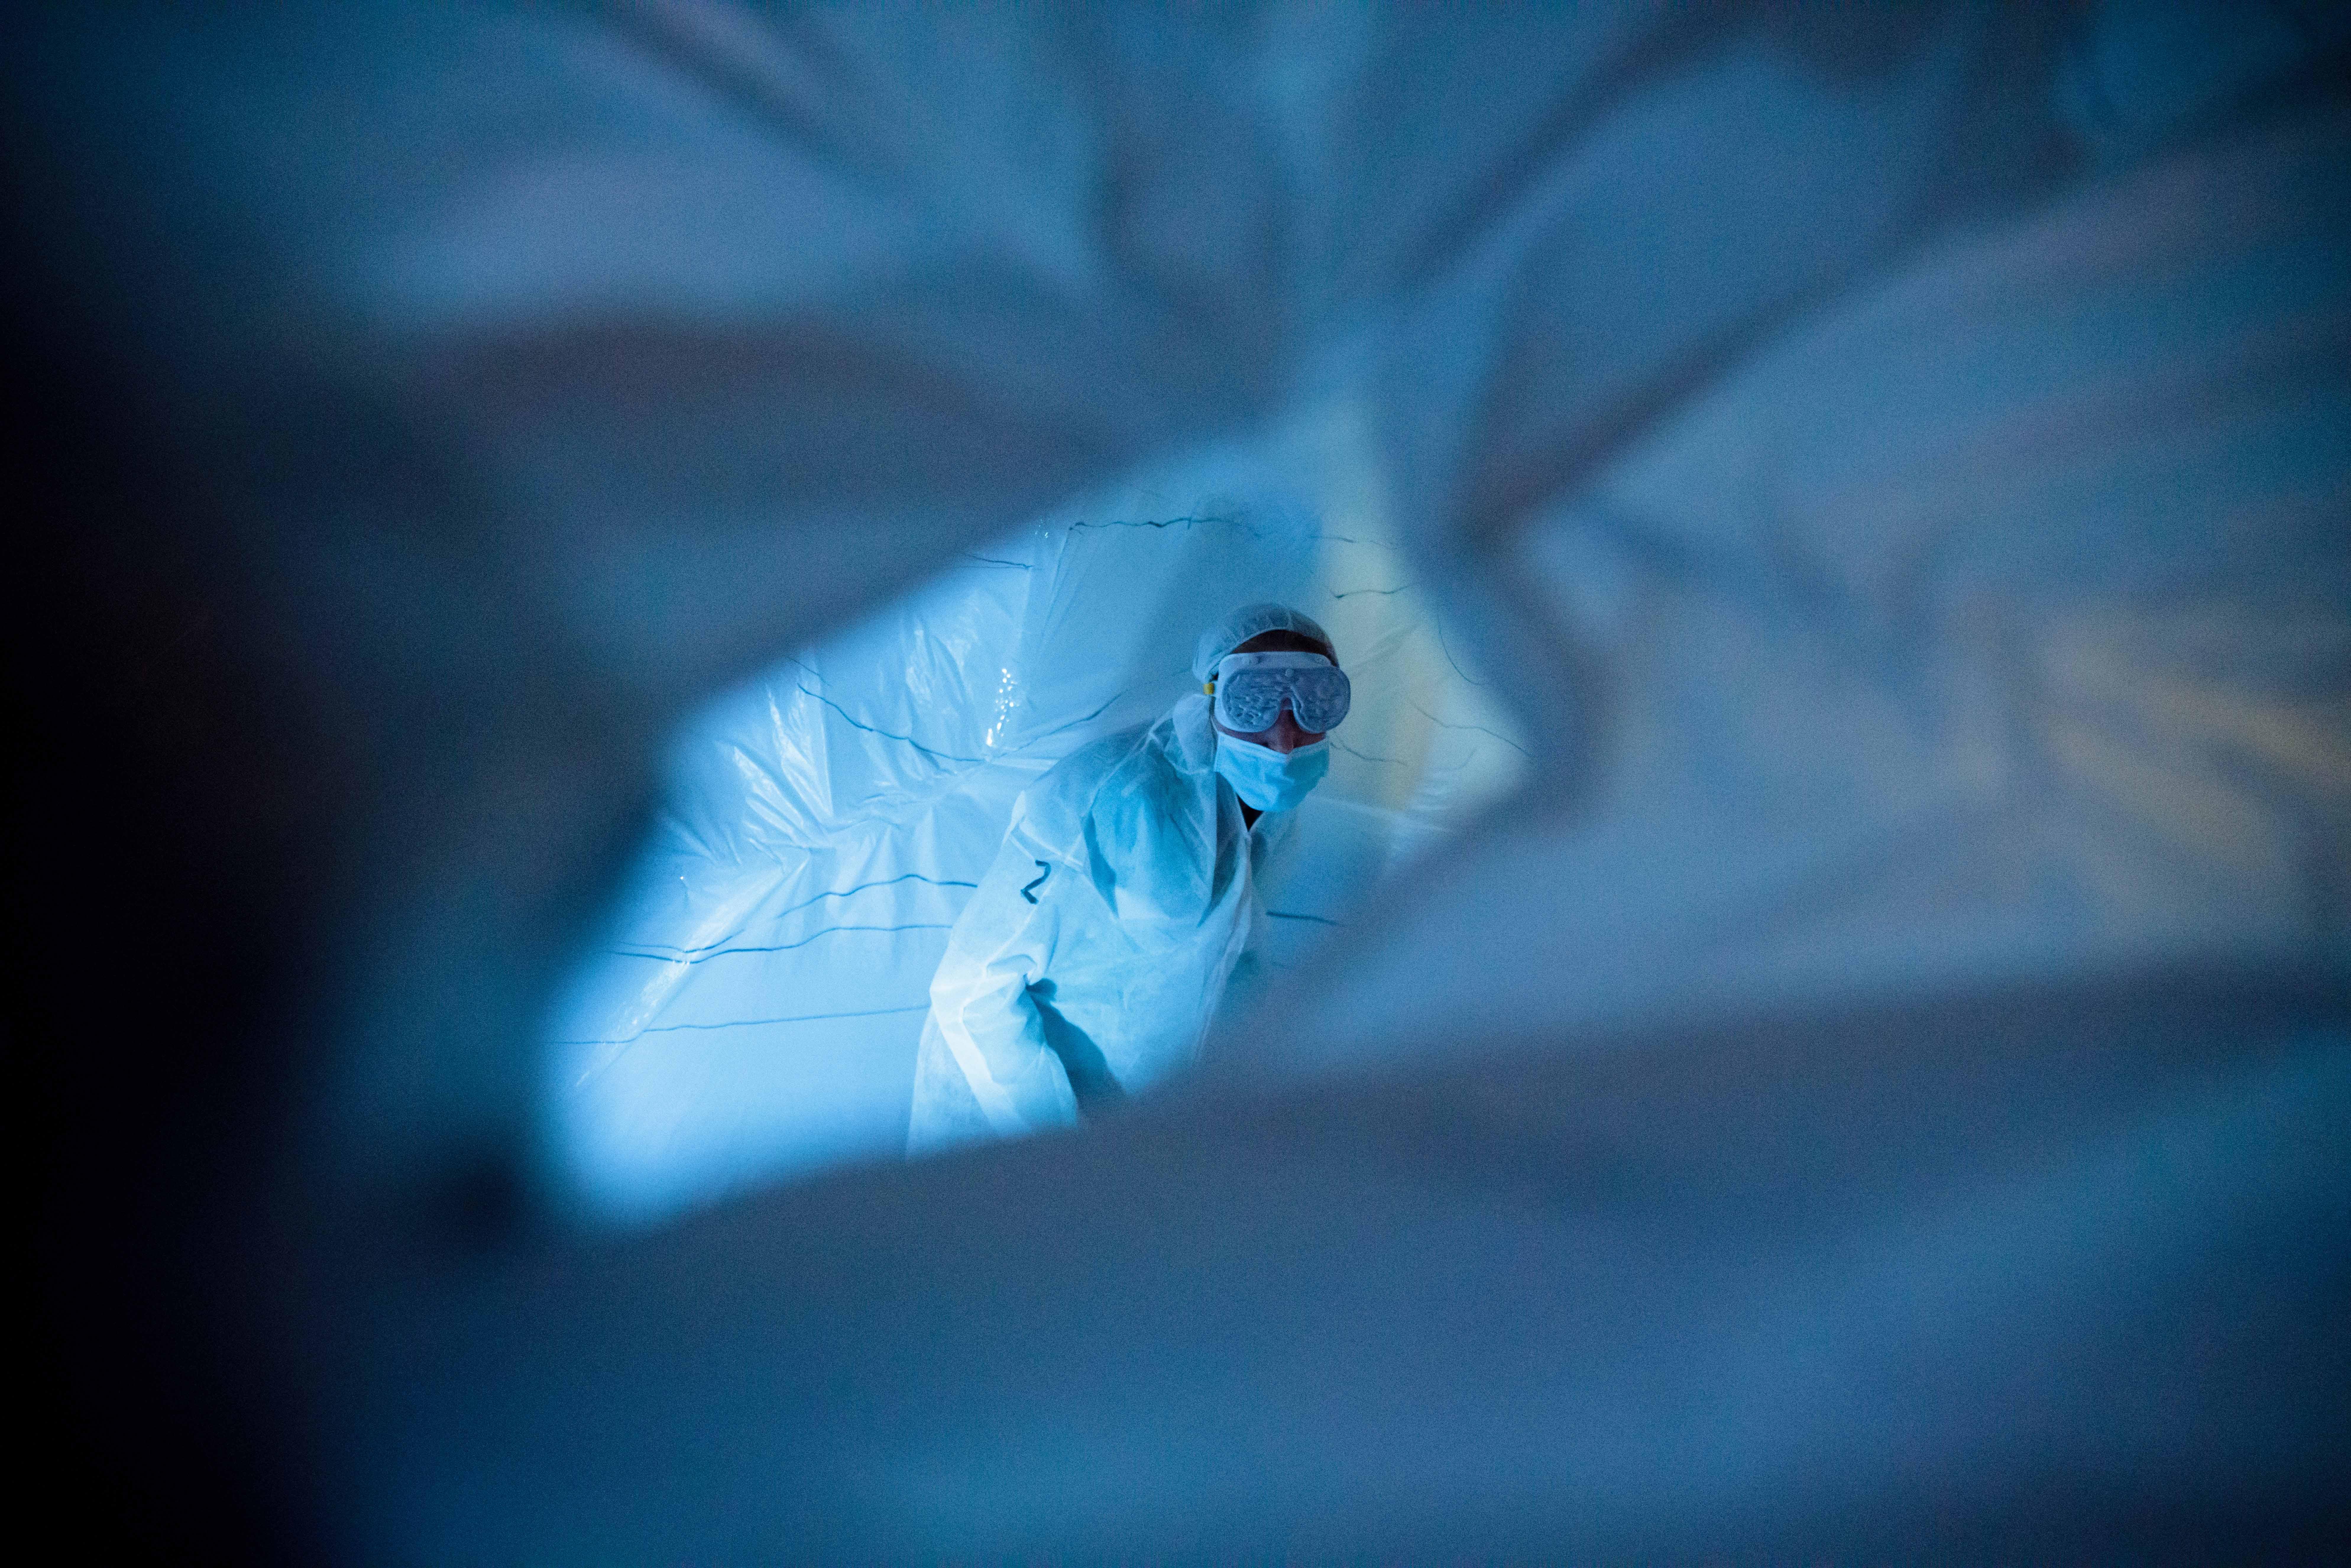 陸浩明參與沉浸式裝置作品《白細胞》